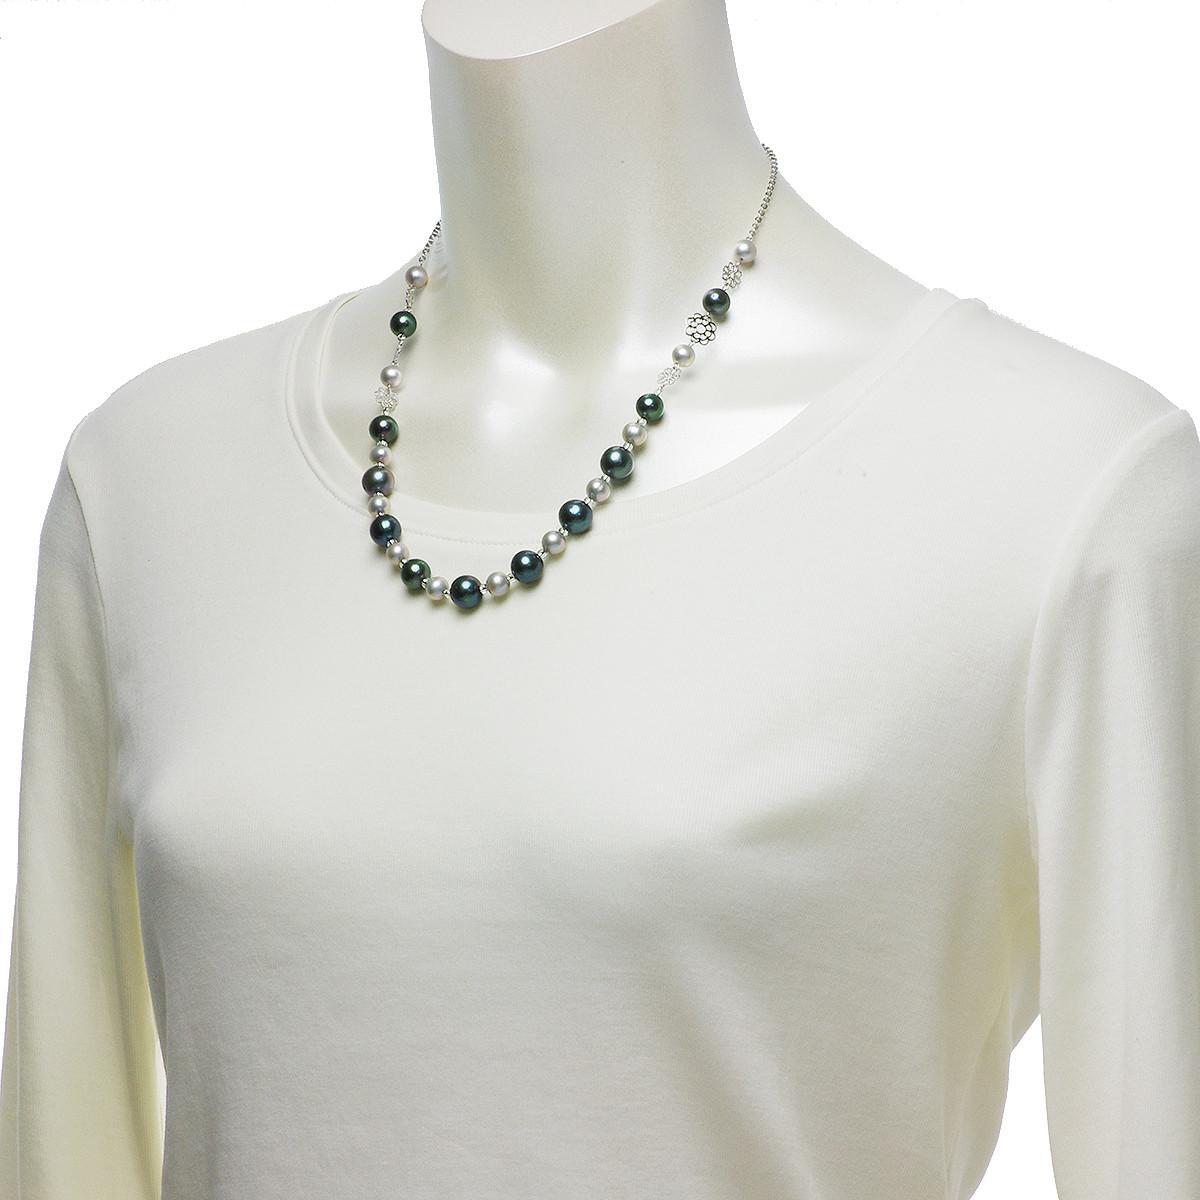 淡水真珠 オリジナル モノトーン デザイン ネックレス 6.5-10.0mmの写真